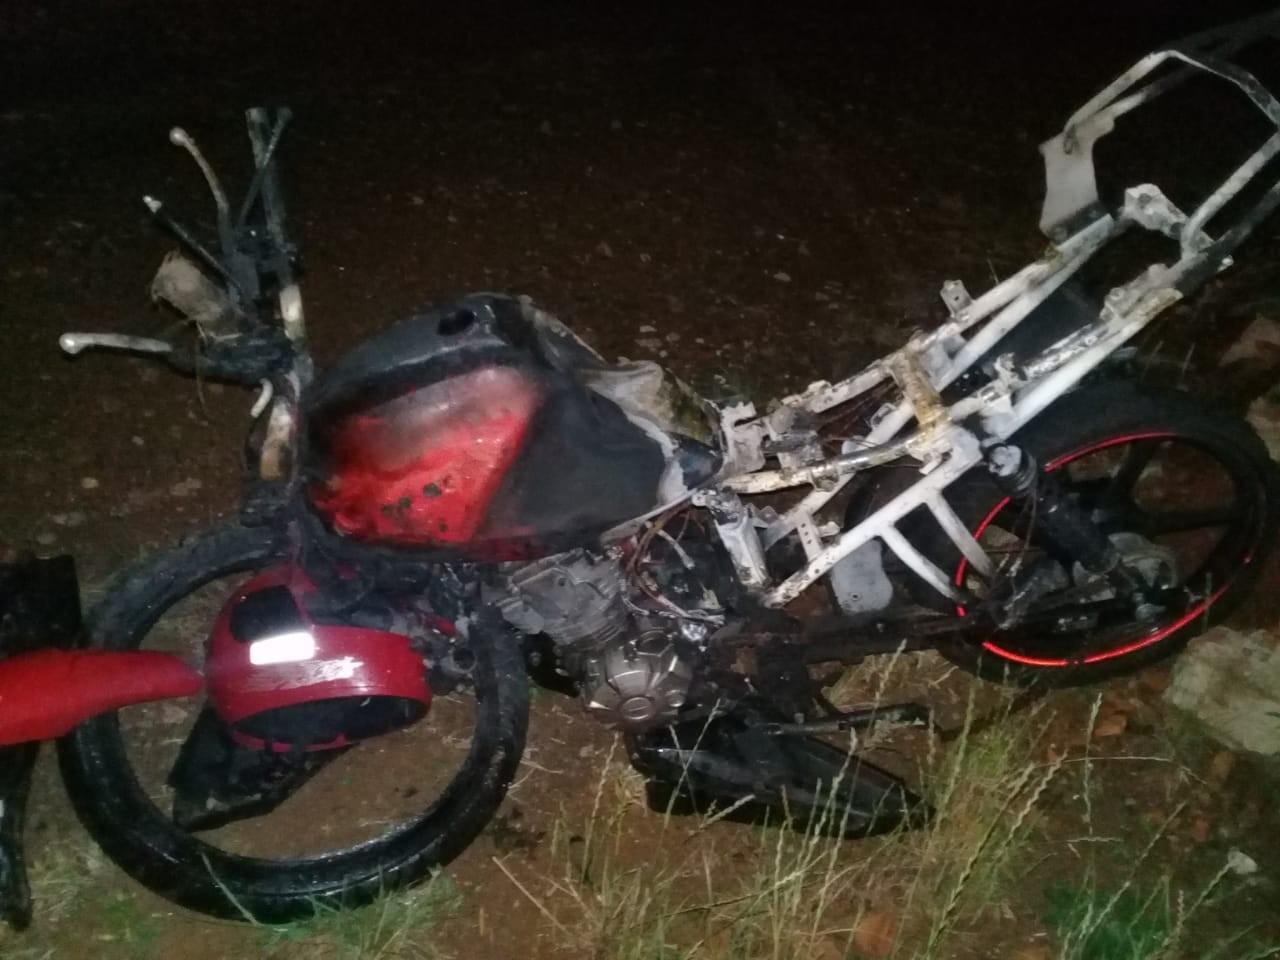 Motociclista morre em acidente na PR-459, em Pinhão - Notícias - Plantão Diário